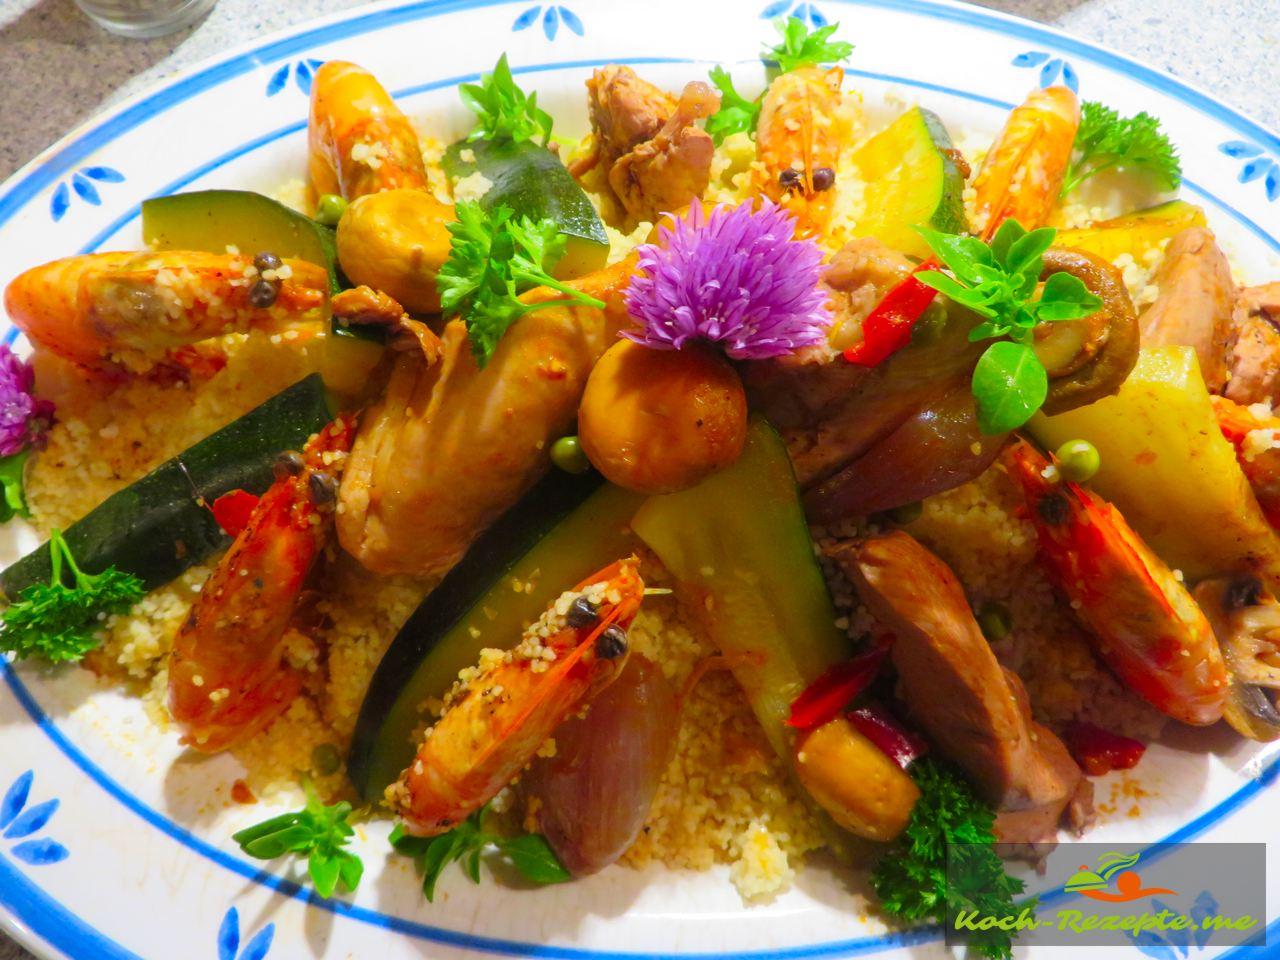 Rezept Couscous Huhn Garnelen aus der schnellen französischen Küche.